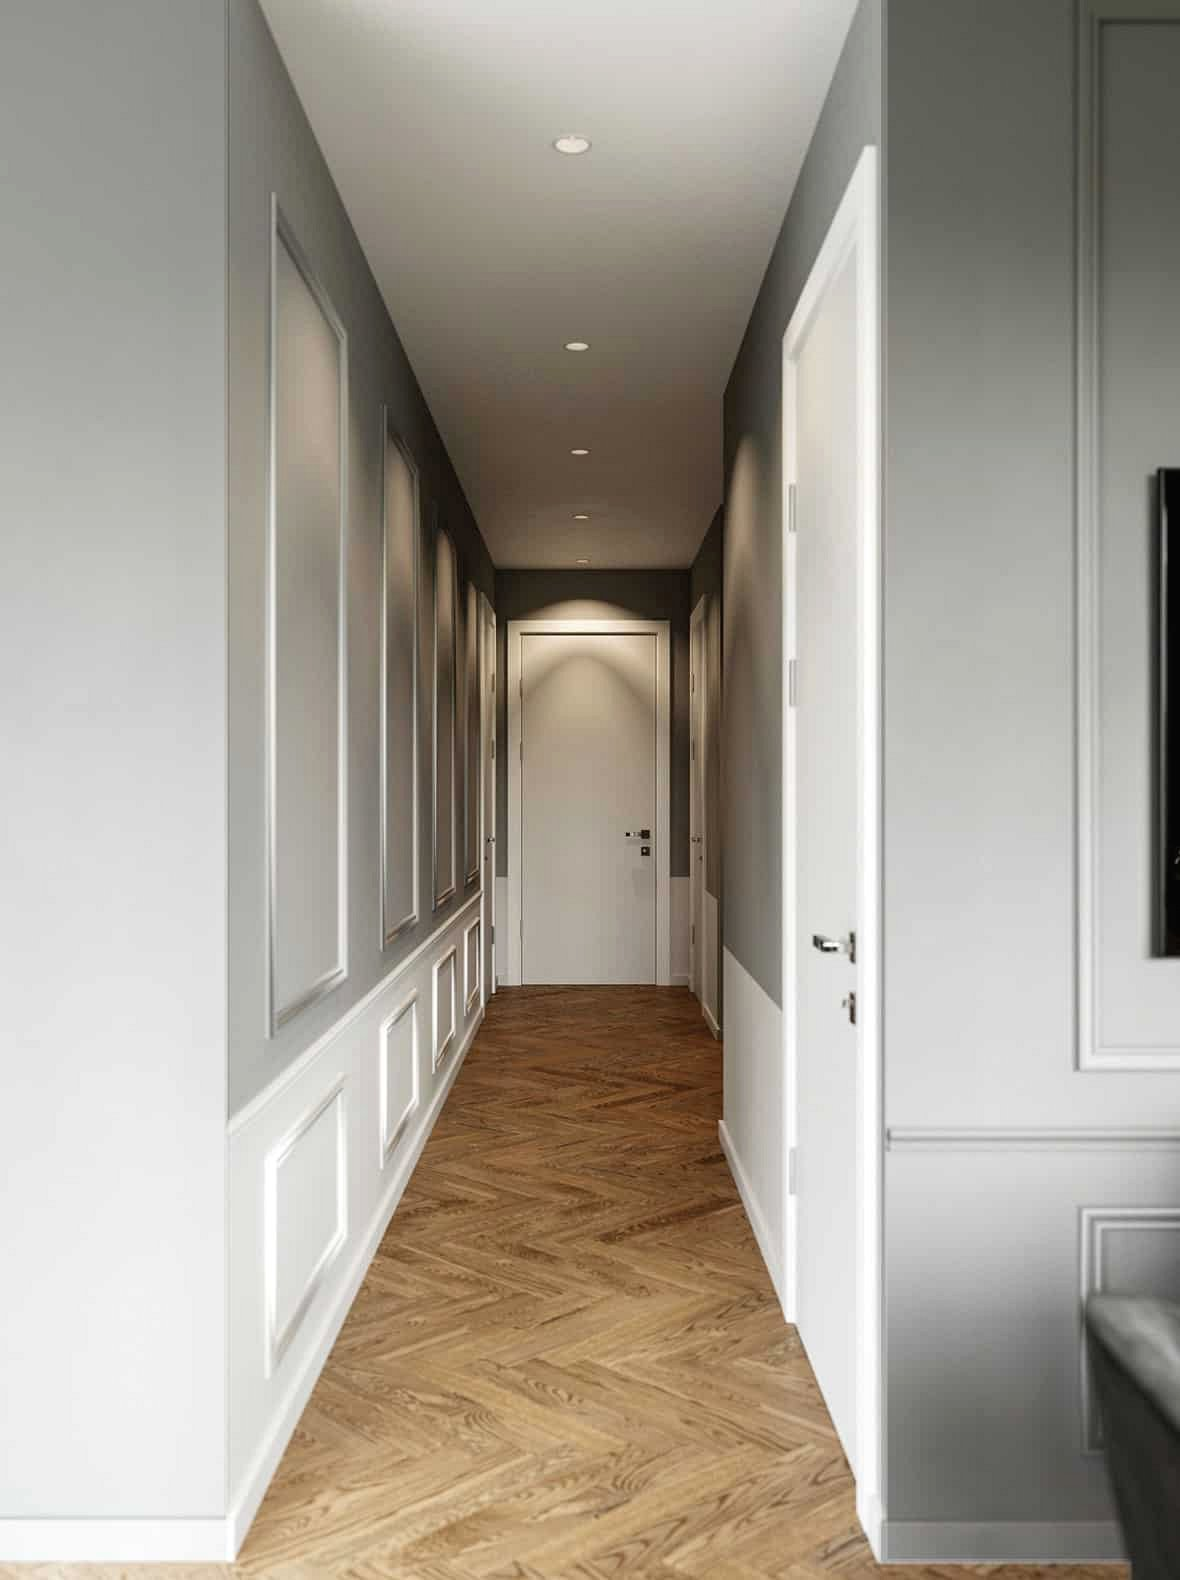 Màu sắc hai tông màu và bảng trang trí cho hành lang trang trí tinh tế hấp dẫn.